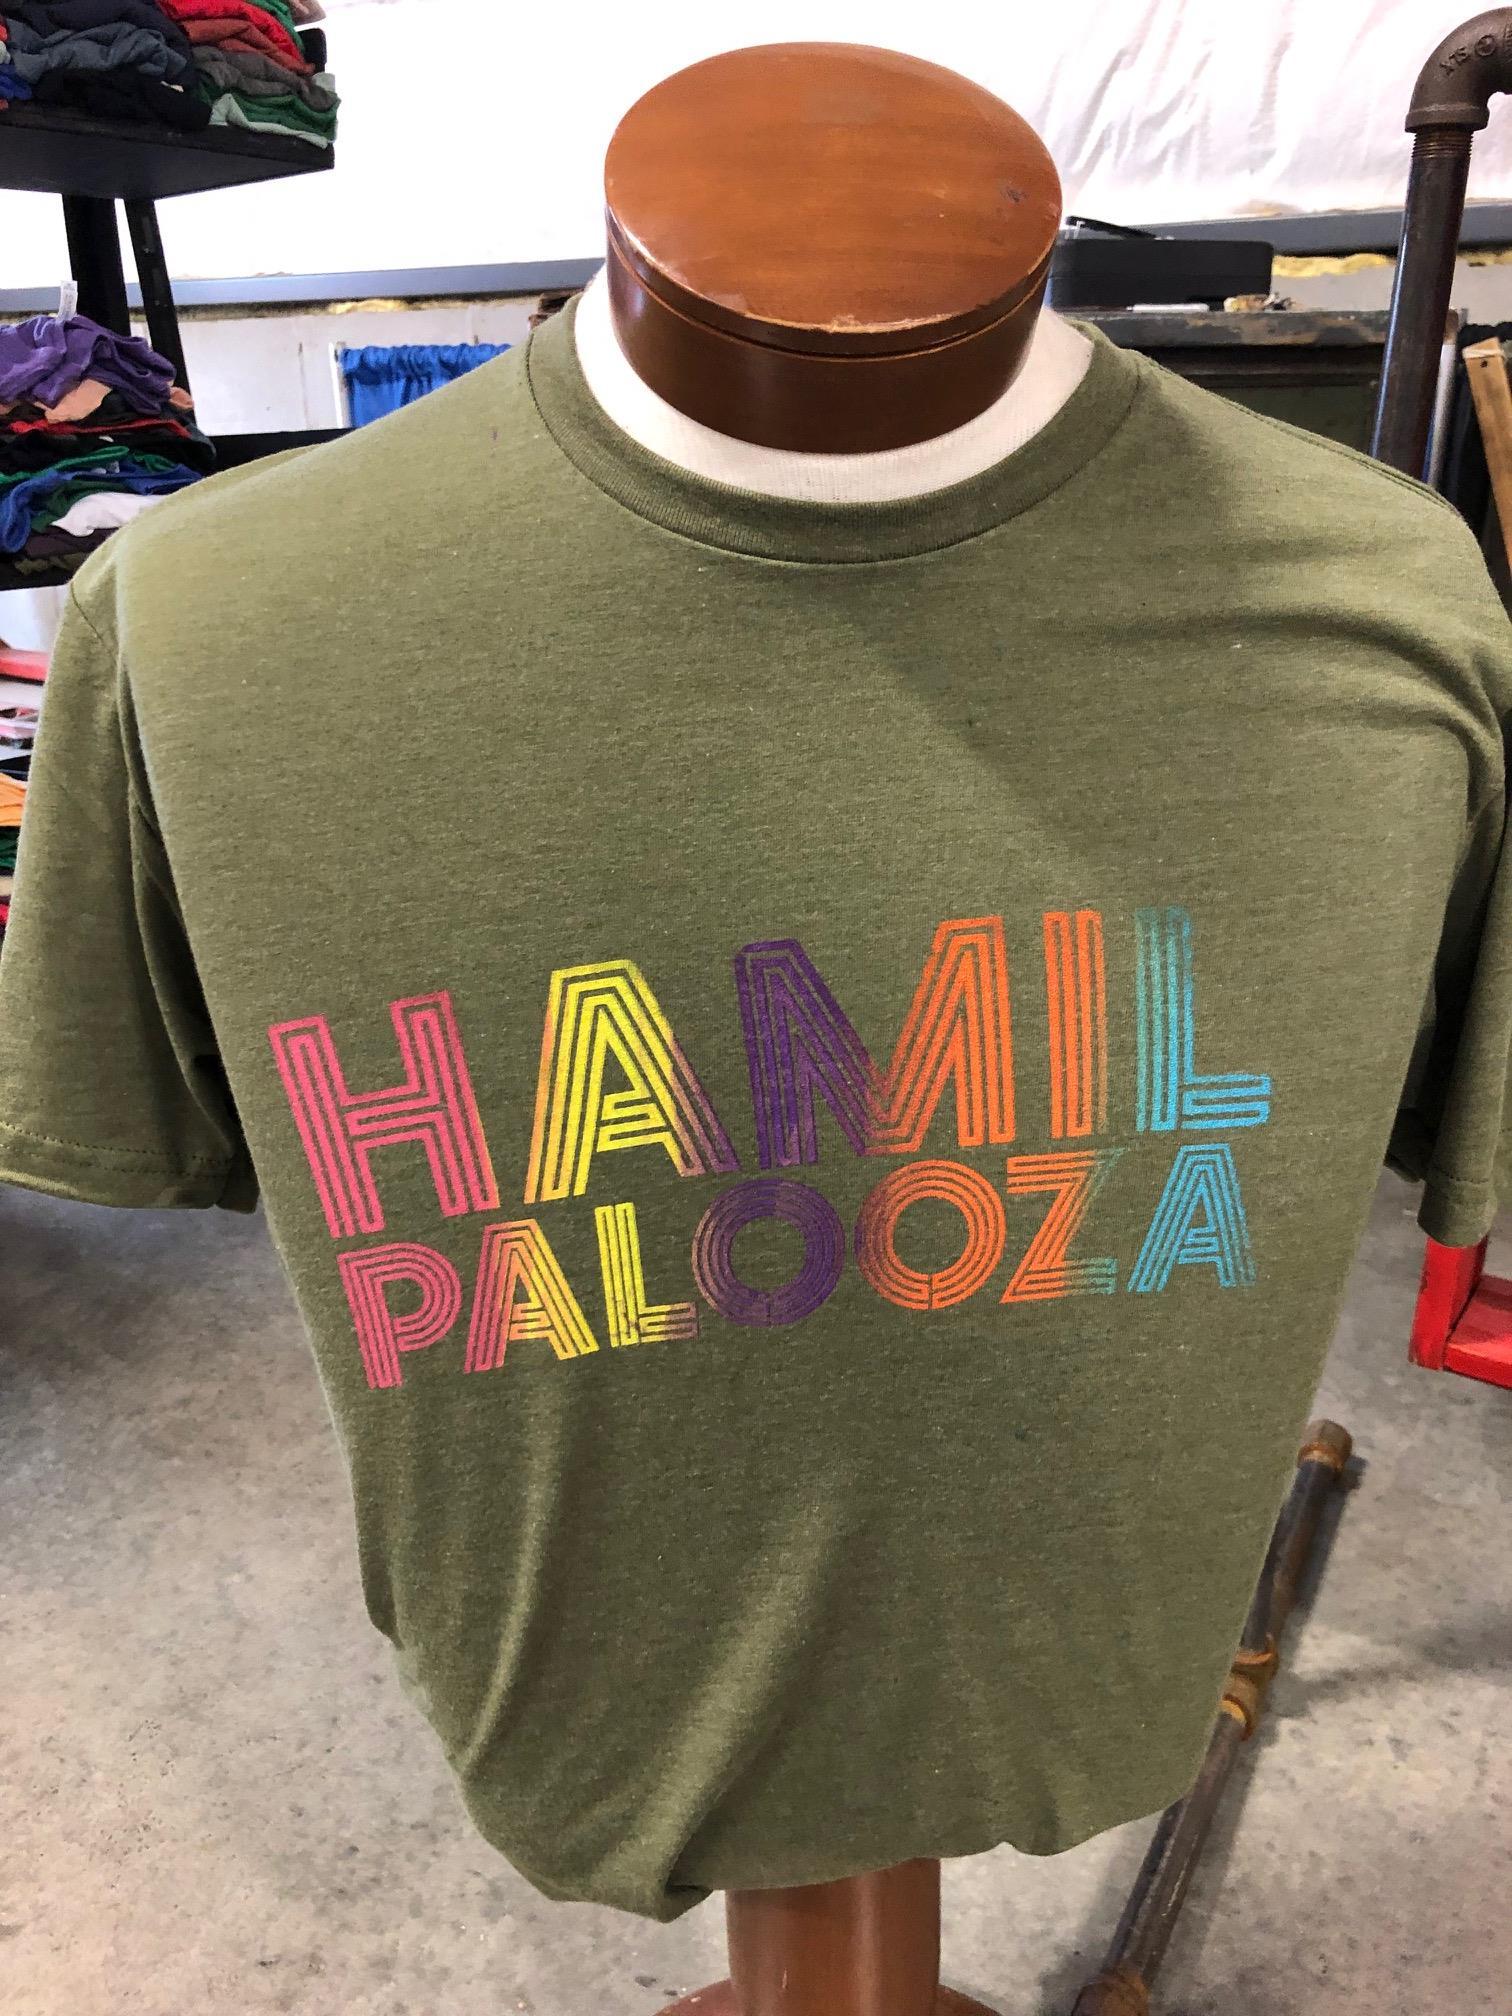 unsung-palooza-shirt.png